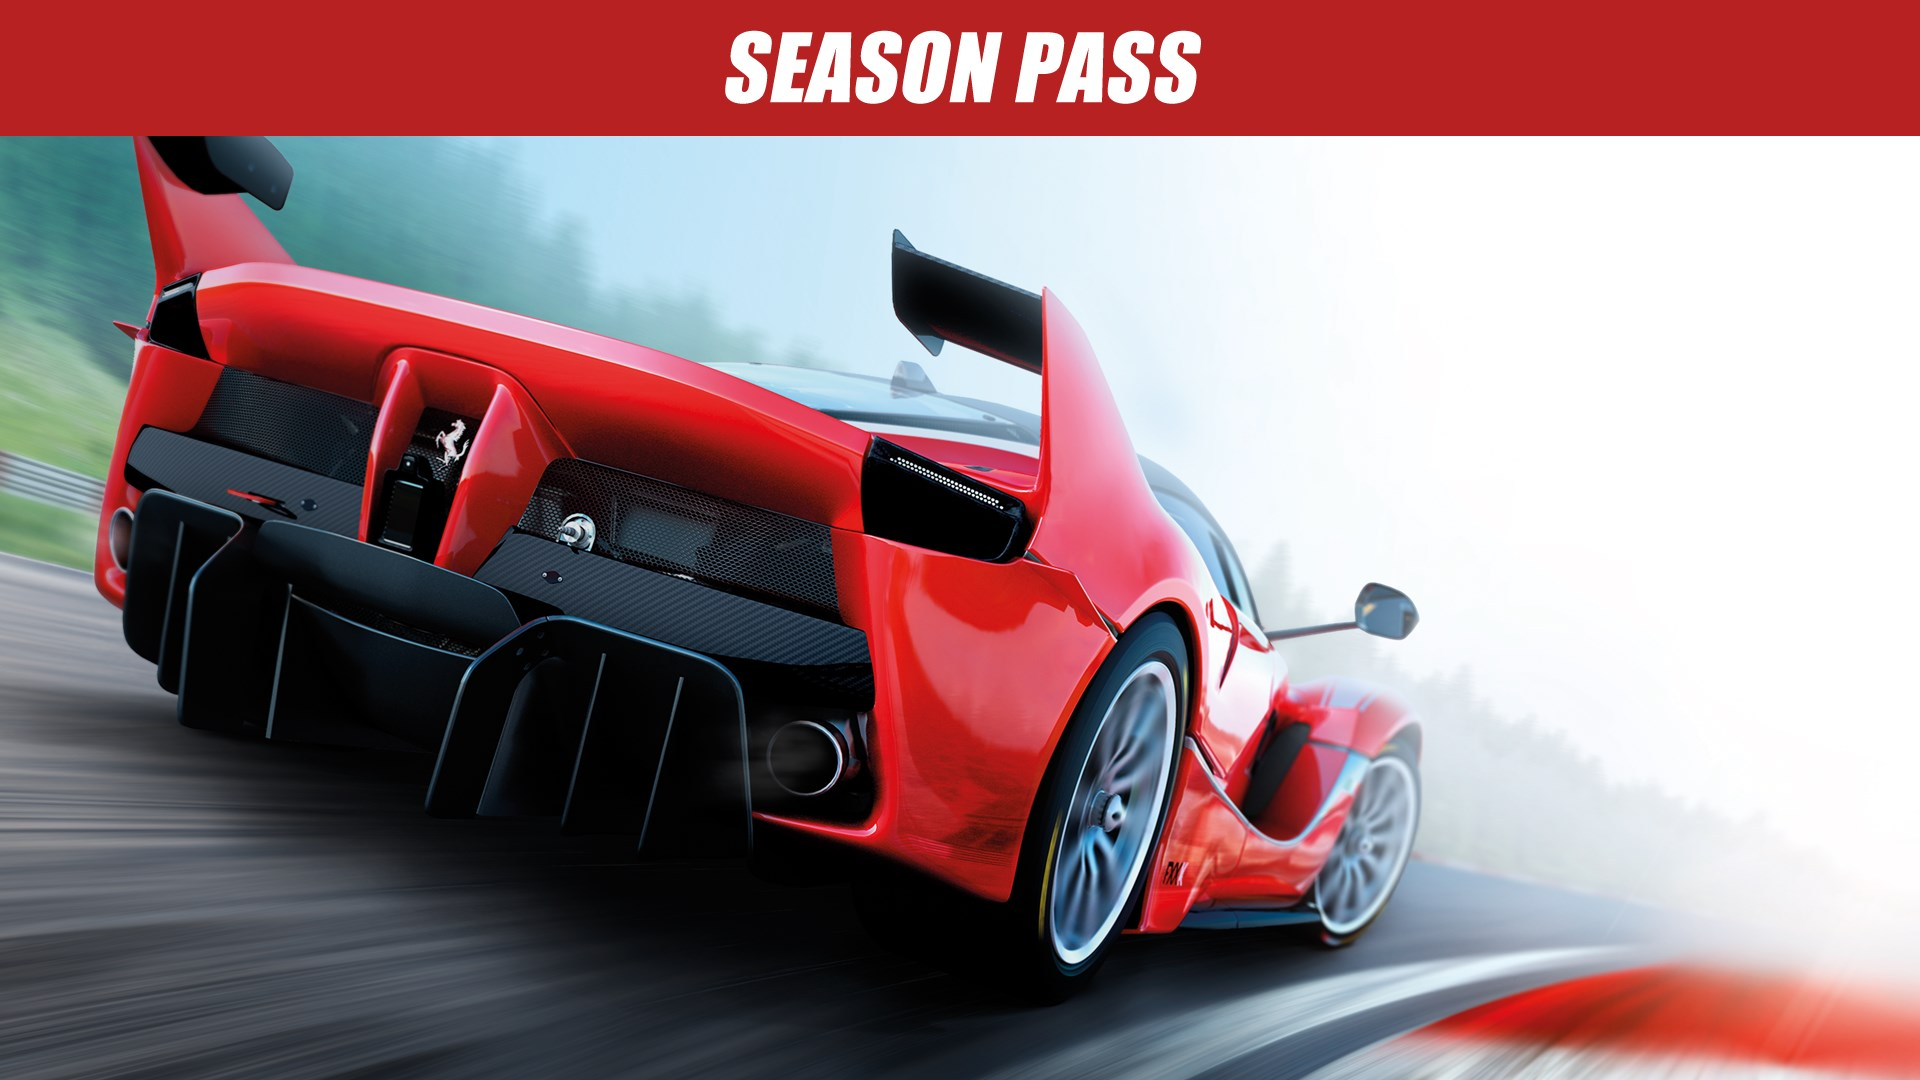 Pase de temporada de Assetto Corsa